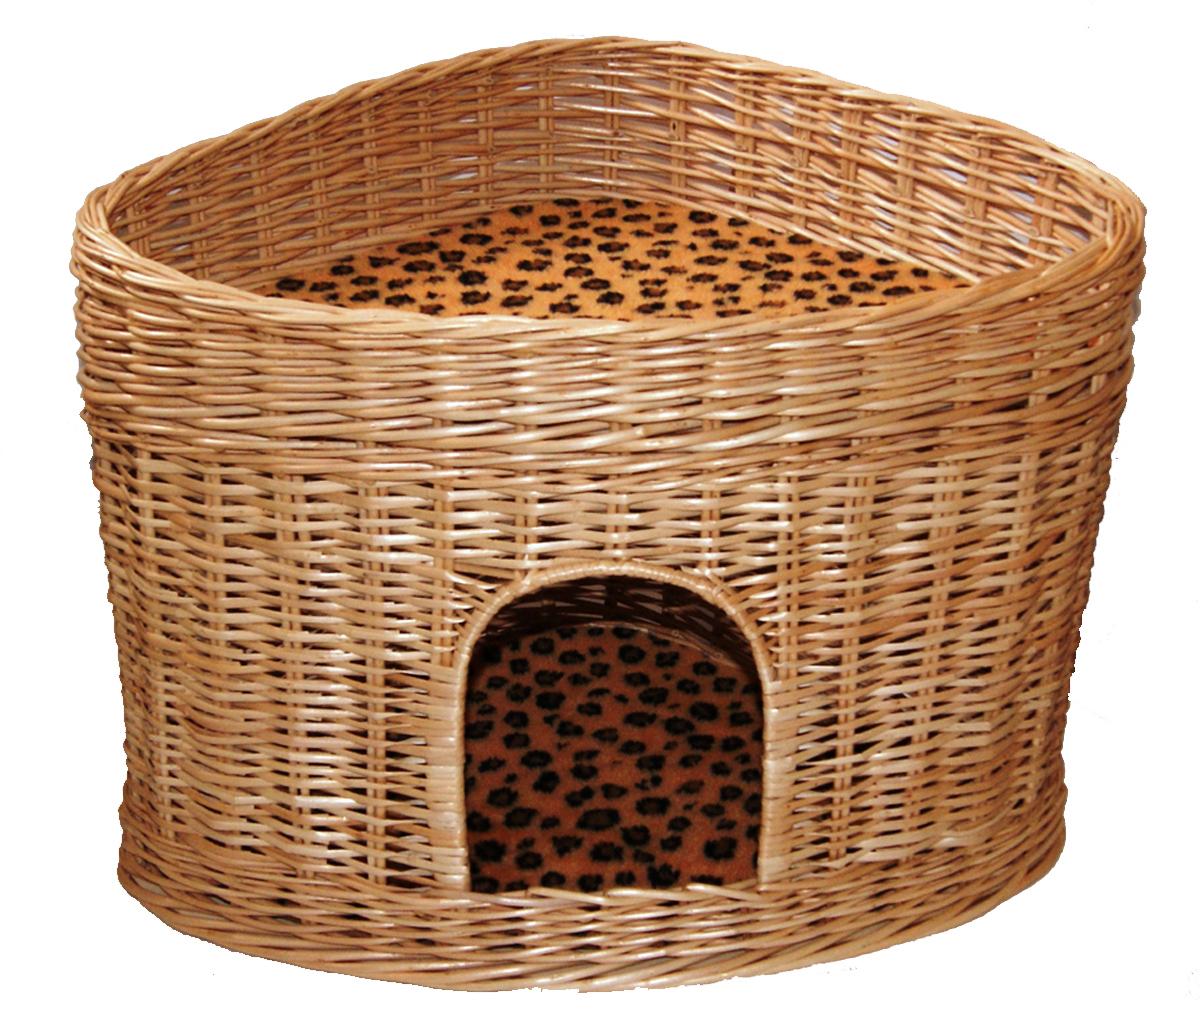 Домик для кошек Меридиан, угловой, 2-ярусный, цвет: леопардовый, 61 х 43 х 47 см домик когтеточка меридиан геометрия угловой 4 ярусный 55 х 48 х 158 см